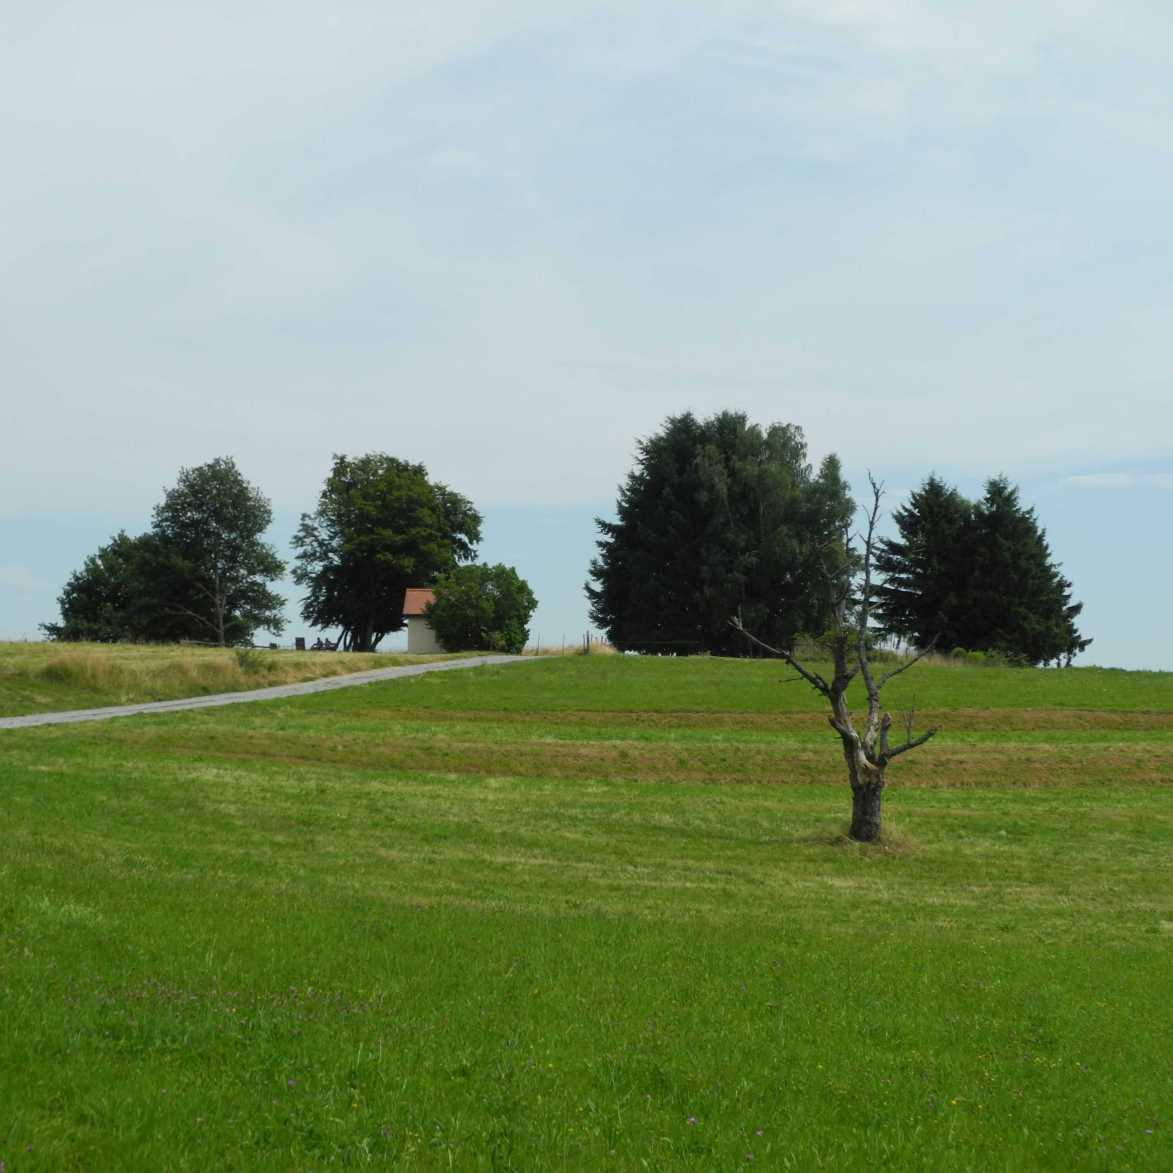 Wie diese kleine Kapelle in der Landschaft ist auch Masevaux noch ein weißer Fleck auf der Landkarte. Ob sich das jemals ändert?